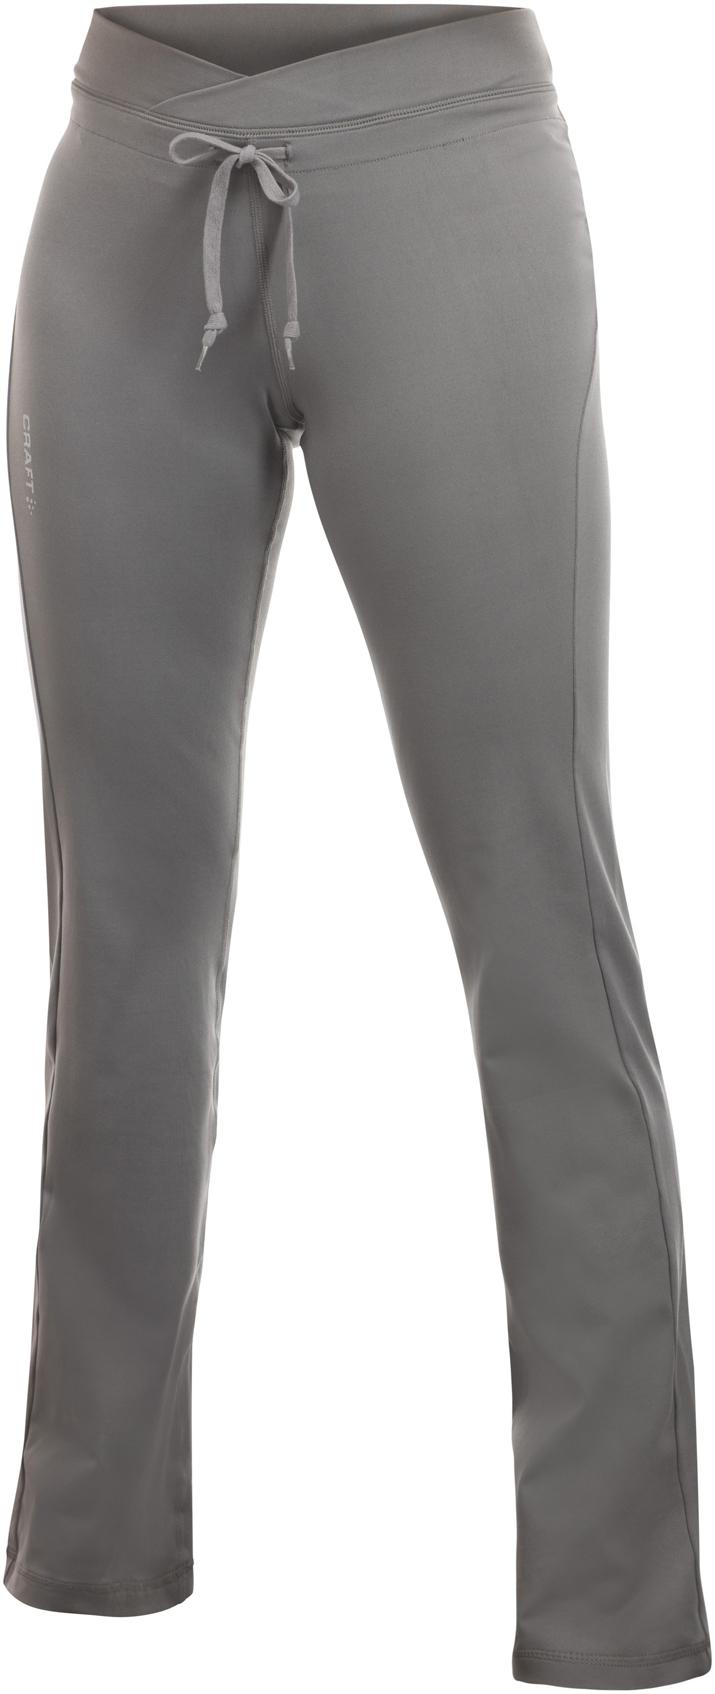 Женские брюки Craft Active Straight серые (193875-1950)